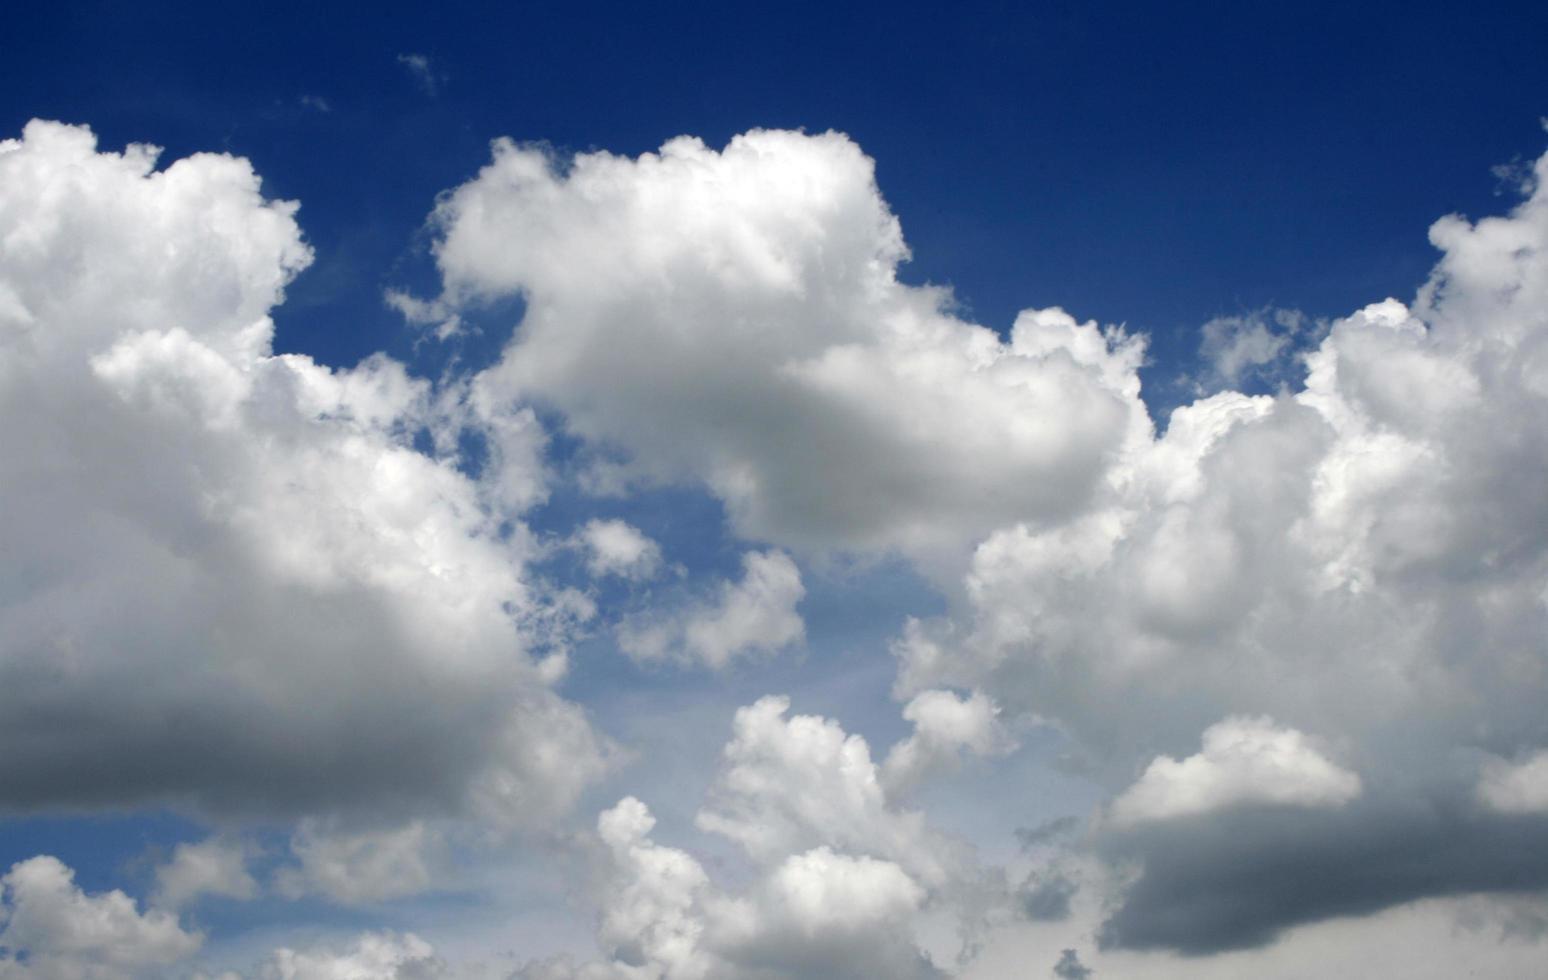 flauschige idyllische Wolken foto